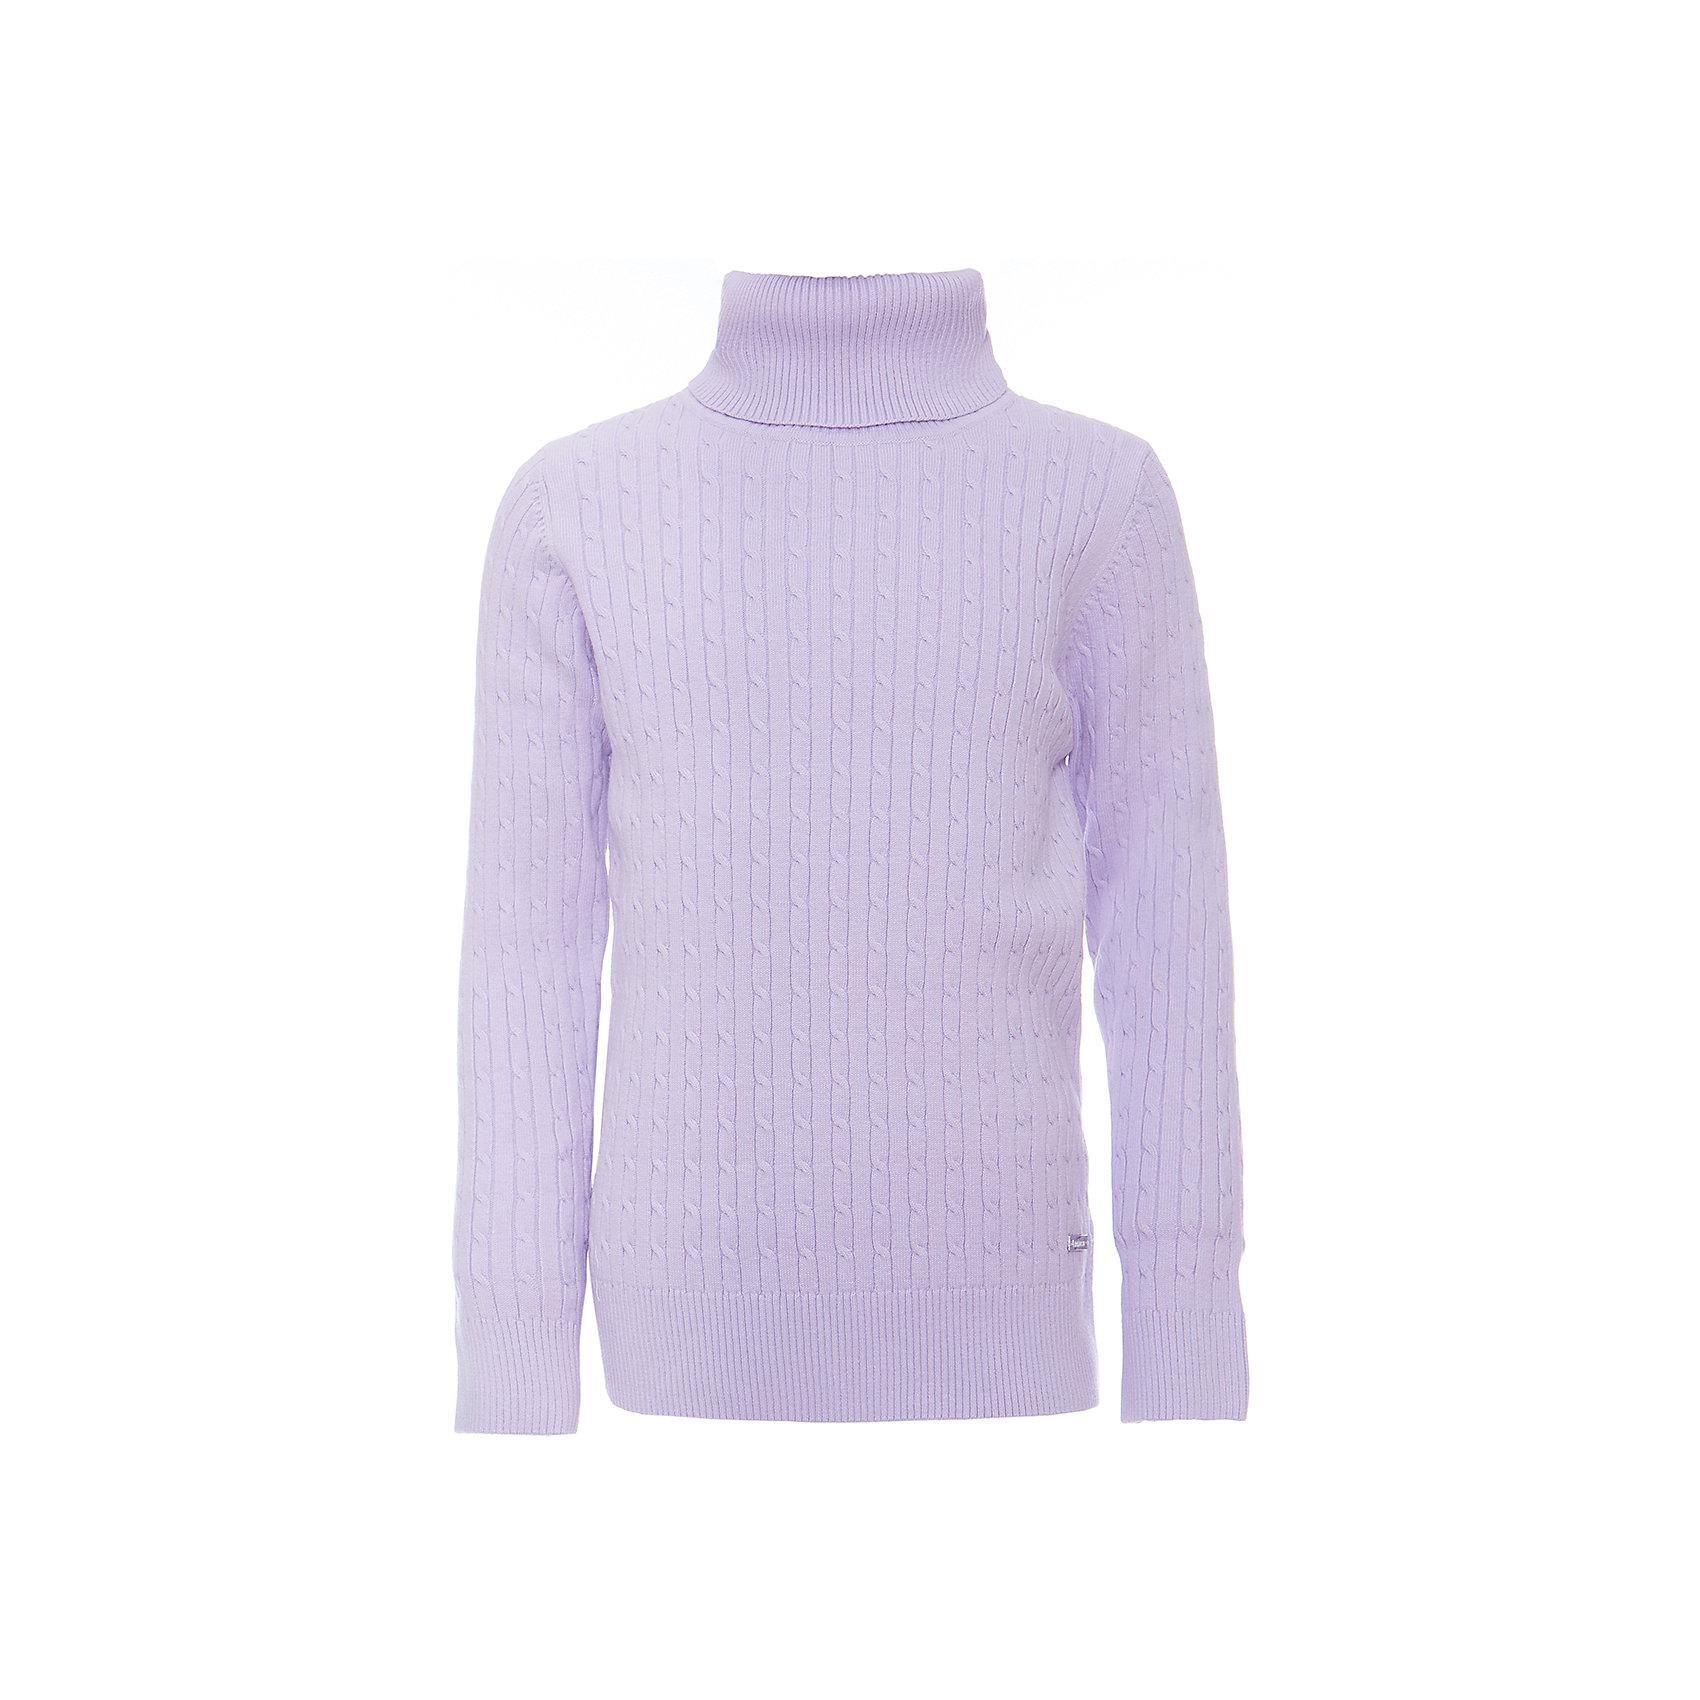 Водолазка для девочки LuminosoВодолазки<br>Характеристики товара:<br><br>- цвет: лиловый;<br>- материал: 95% хлопок,5% эластан;<br>- качественная пряжа;<br>- резинка по низу и на рукавах;<br>- длинный рукав;<br>- вязаный узор;<br>- высокий ворот.<br><br>Стильная одежда от бренда Luminoso (Люминосо), созданная при участии итальянских дизайнеров, учитывает потребности подростков и последние веяния моды. Она удобная и модная.<br>Эта тонкая вязаная водолазка идеальна для прохладной погоды. Она хорошо сидит на ребенке, обеспечивает комфорт и отлично сочетается с одежной разных стилей. Модель отличается высоким качеством пряжи и продуманным дизайном.<br><br>Водолазку для девочки от бренда Luminoso (Люминосо) можно купить в нашем интернет-магазине.<br><br>Ширина мм: 230<br>Глубина мм: 40<br>Высота мм: 220<br>Вес г: 250<br>Цвет: фиолетовый<br>Возраст от месяцев: 108<br>Возраст до месяцев: 120<br>Пол: Женский<br>Возраст: Детский<br>Размер: 140,158,164,146,134,152<br>SKU: 4929479